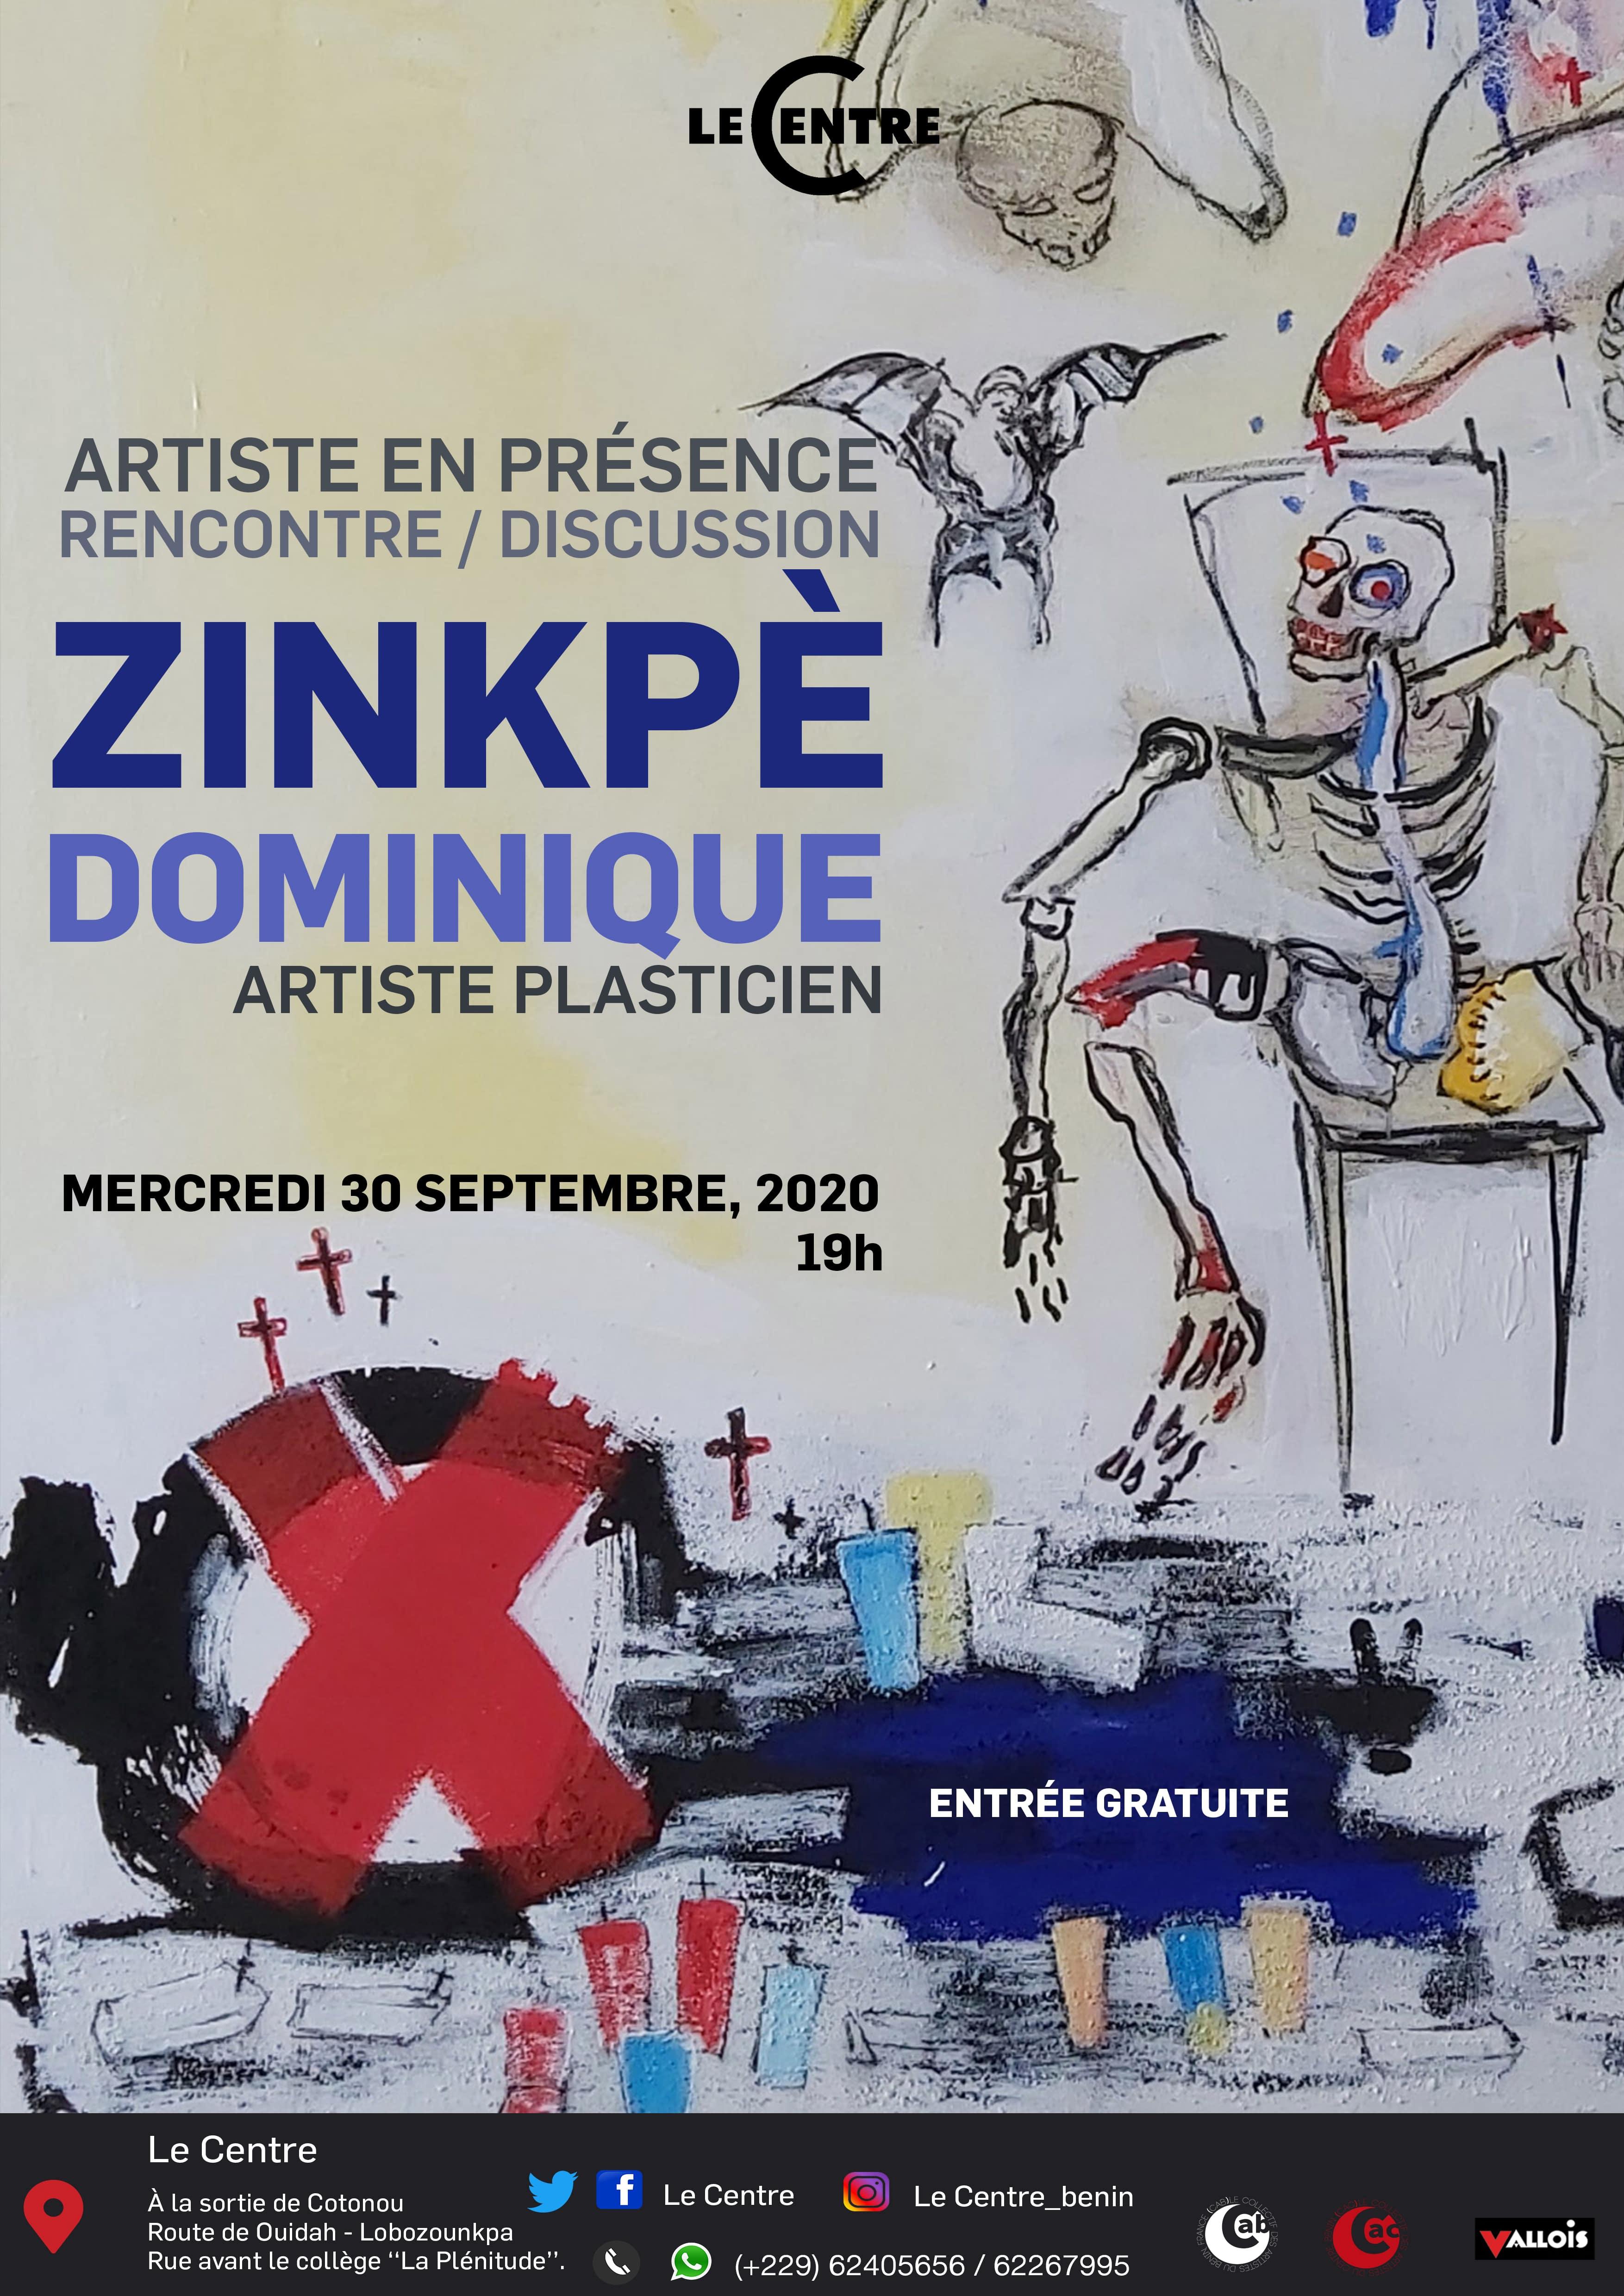 Artiste en présence, Dominique Zinkpè